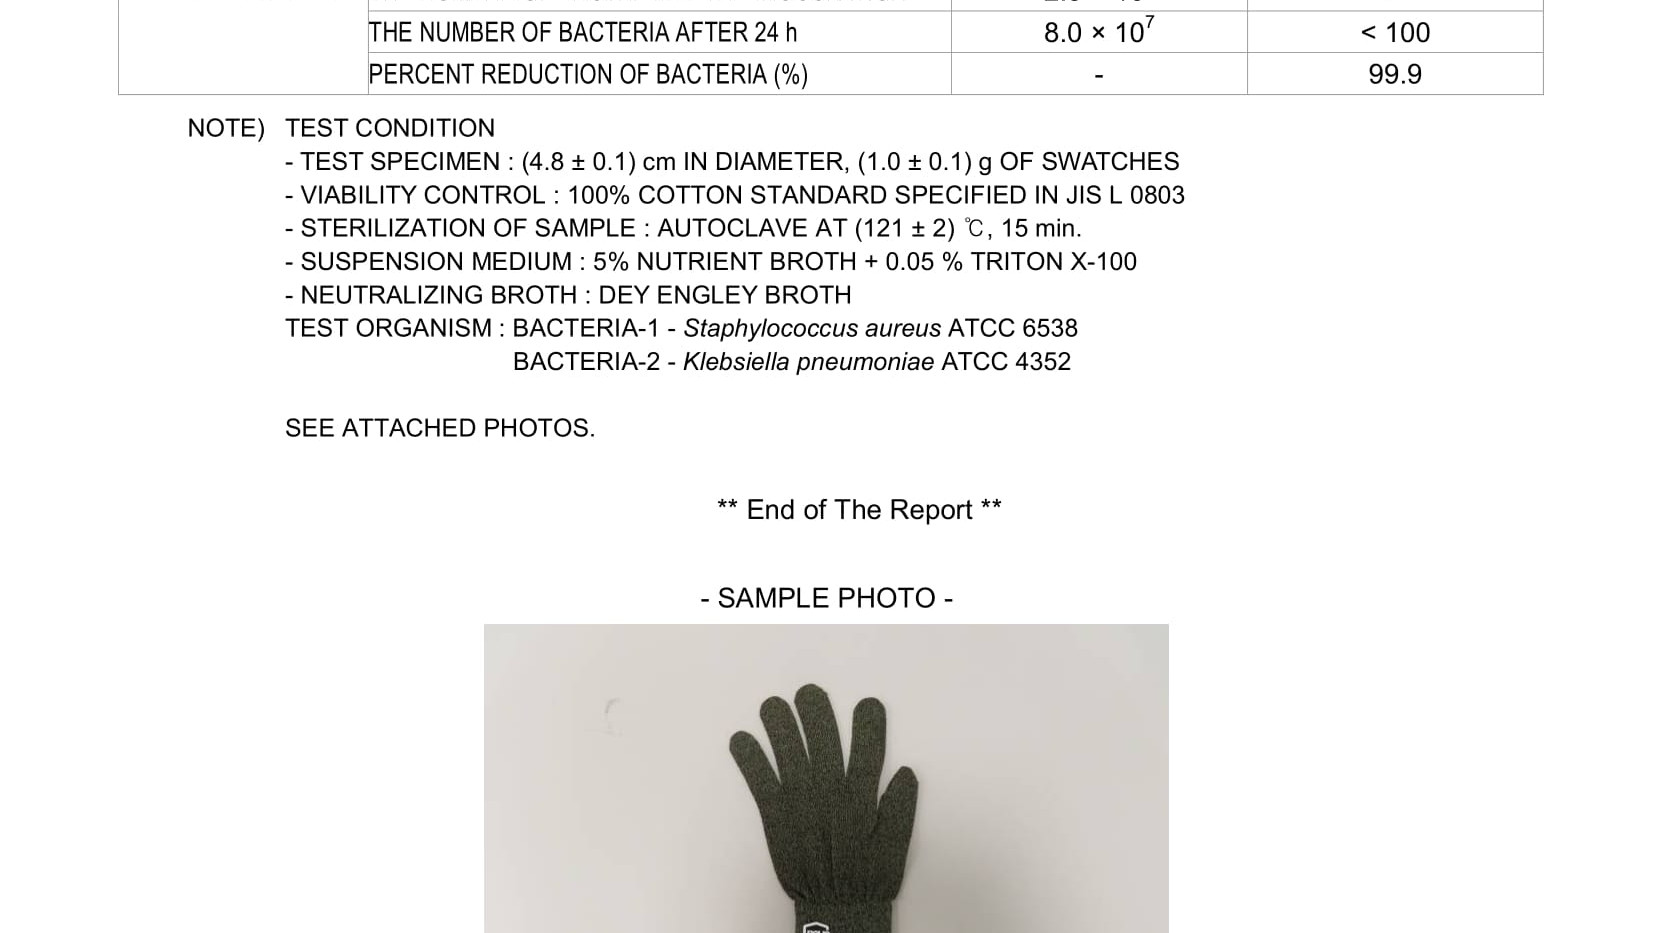 BOHO_Glove_AB_Test_Doc-2.jpg